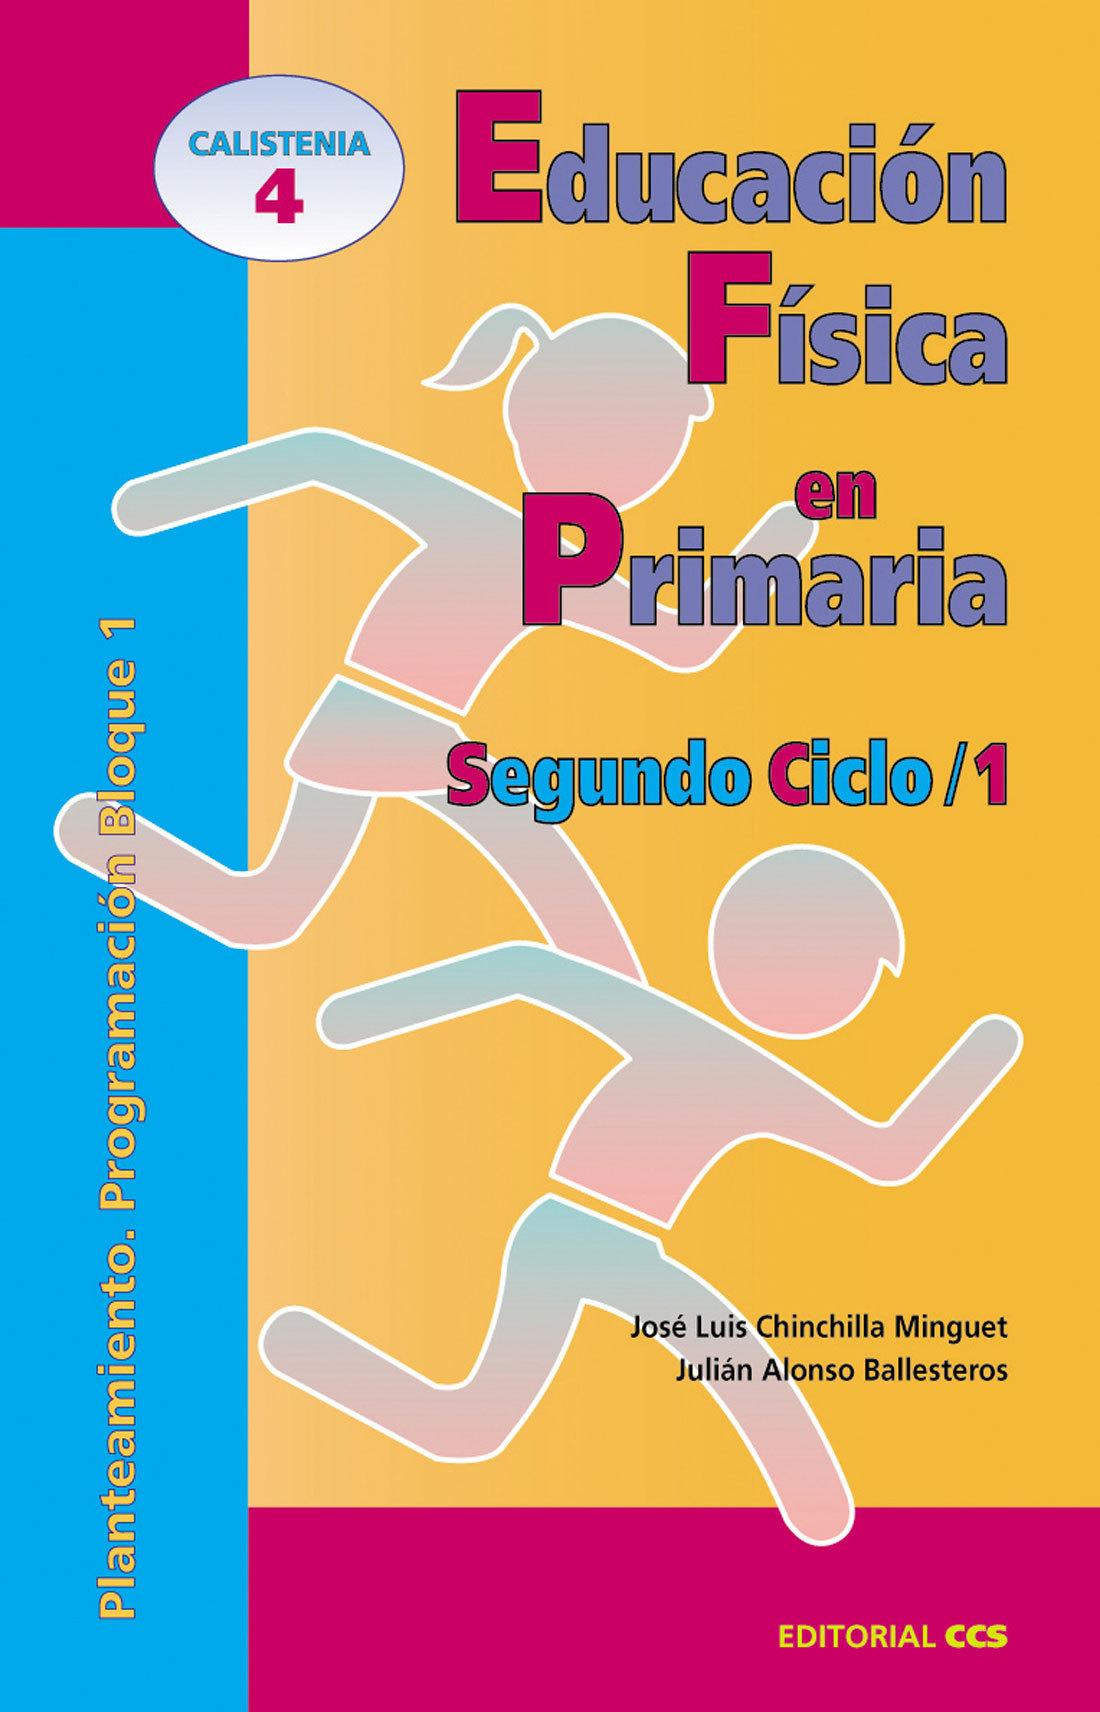 CALISTENIA 4 EDUCACION FISICA EN PRIMARIA SEGUNDO CICLO/1